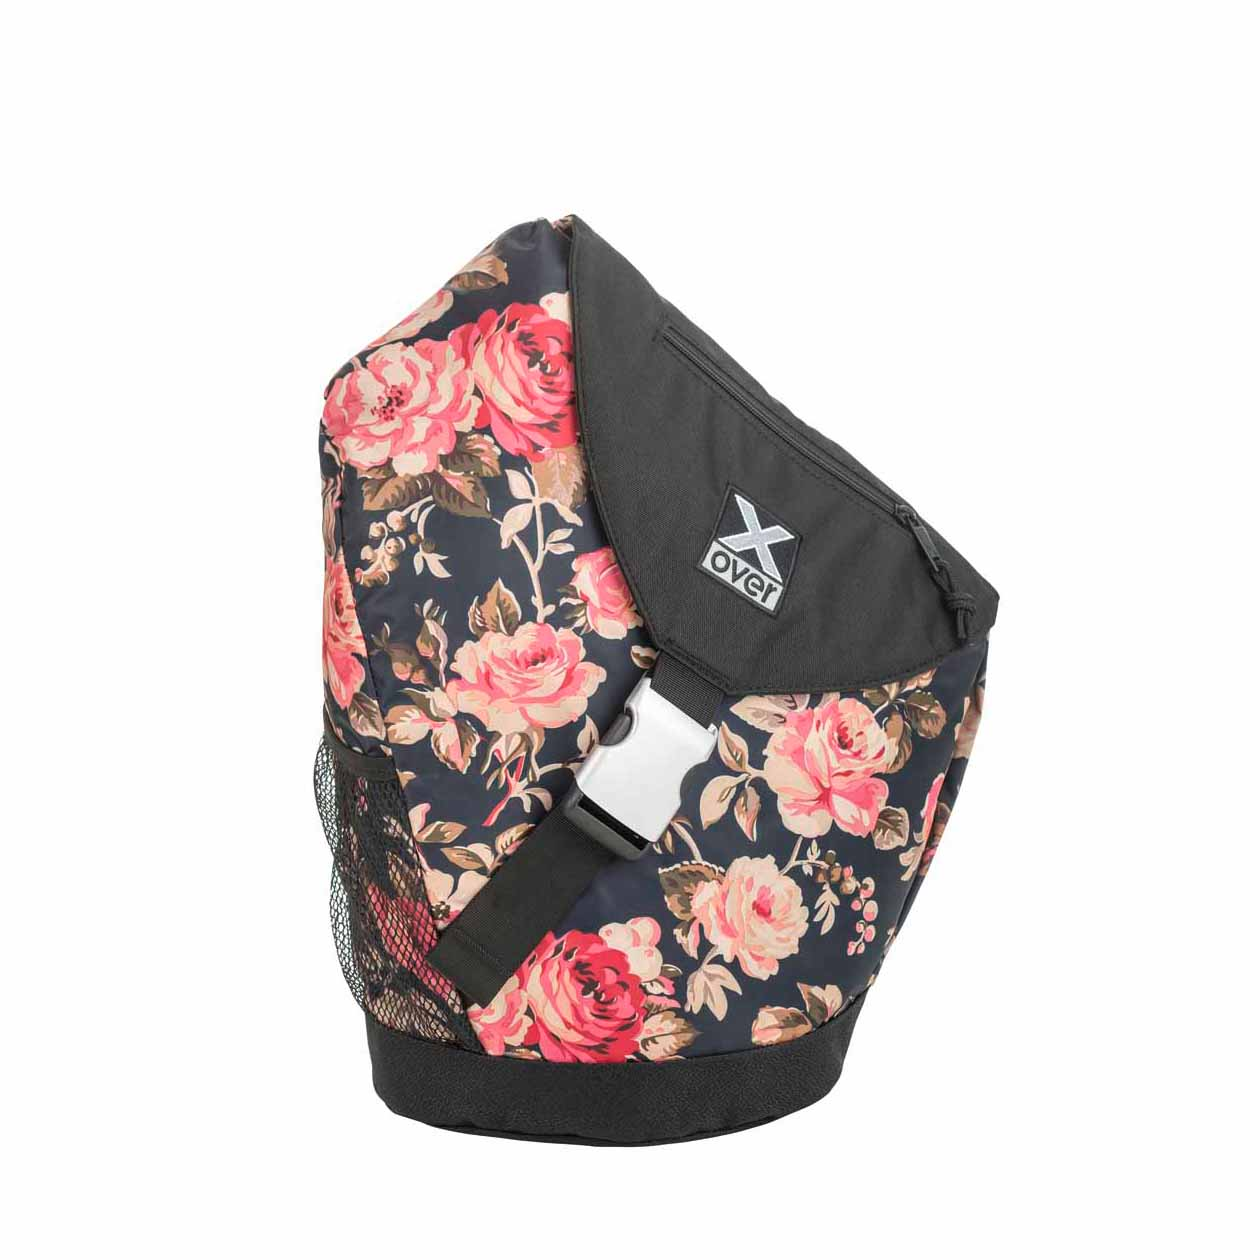 x-over schuine rugzak original joyride roses in black medium